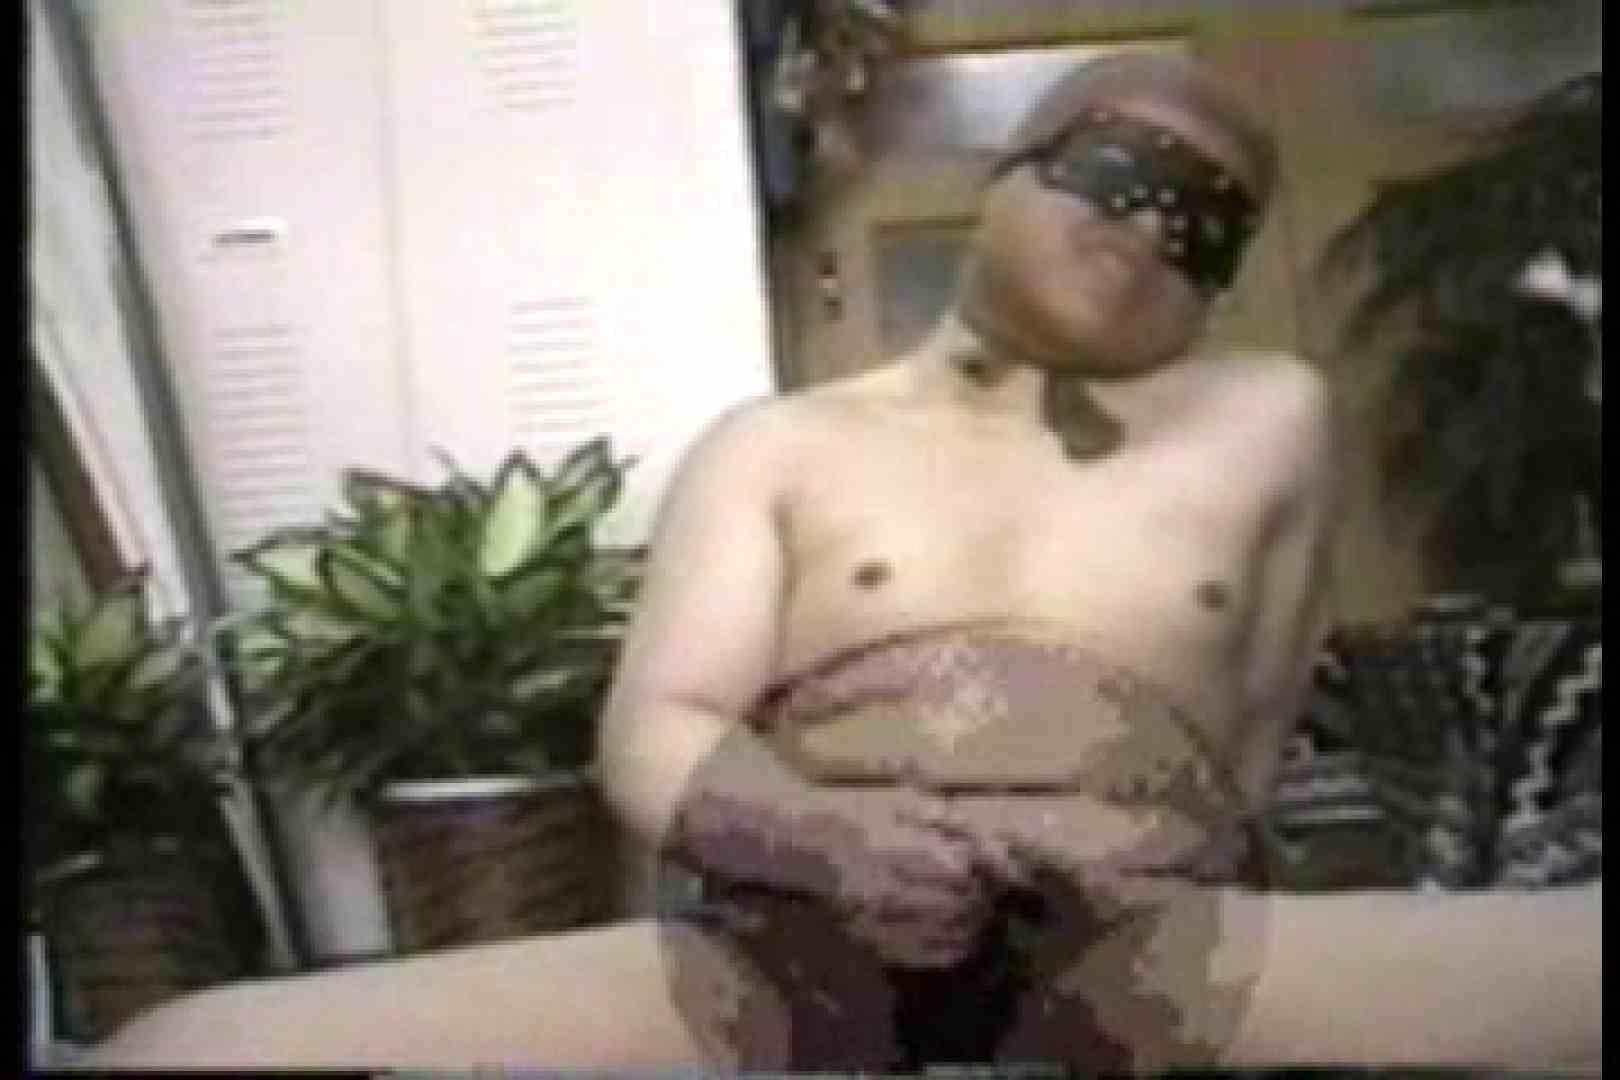 太った男じゃダメですか?10 手コキ | 男パラダイス  10画像 7